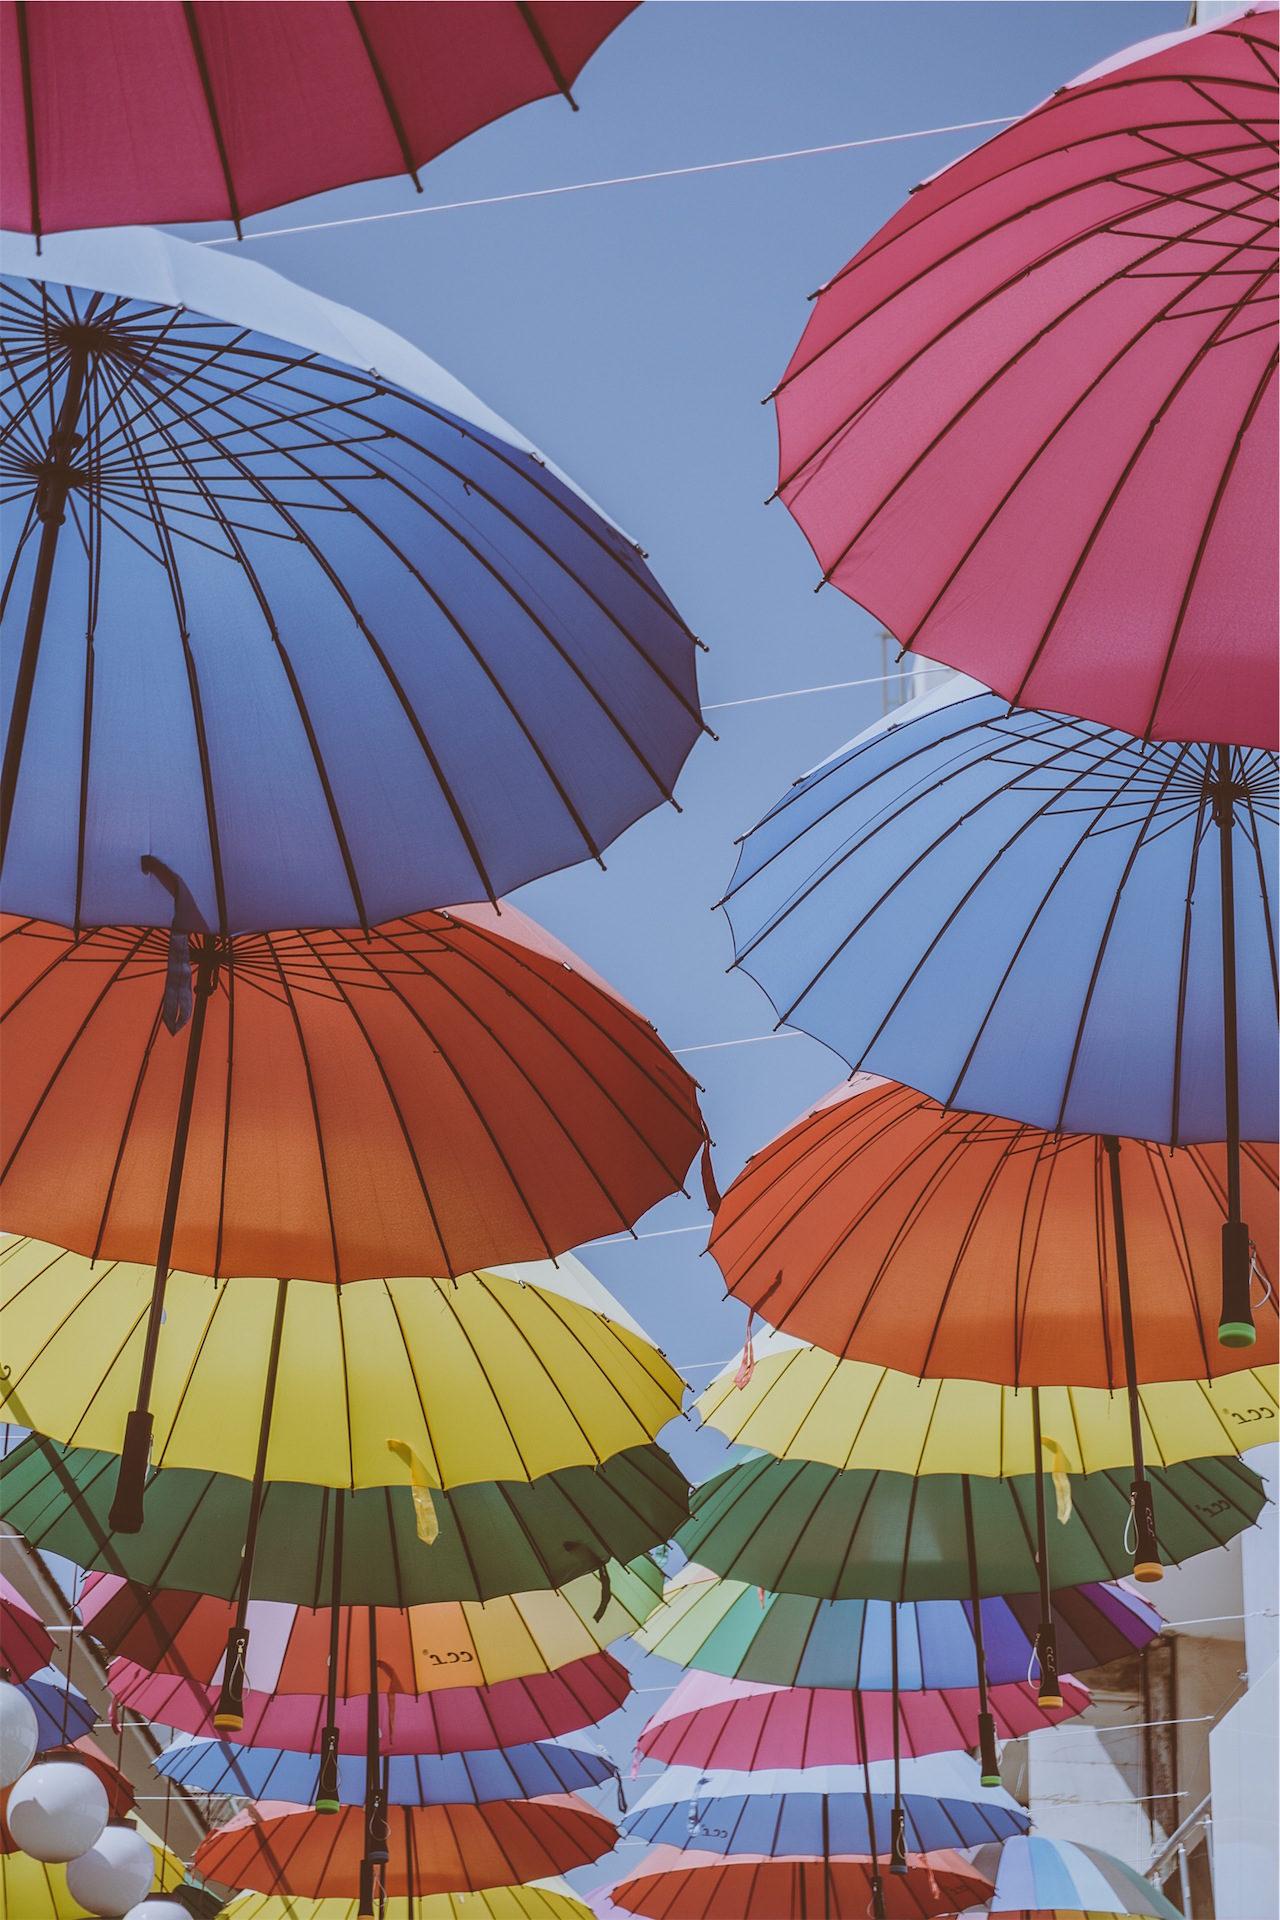 ομπρέλα, πολύχρωμο, volando, Κρεμασμένα, στολίδια - Wallpapers HD - Professor-falken.com